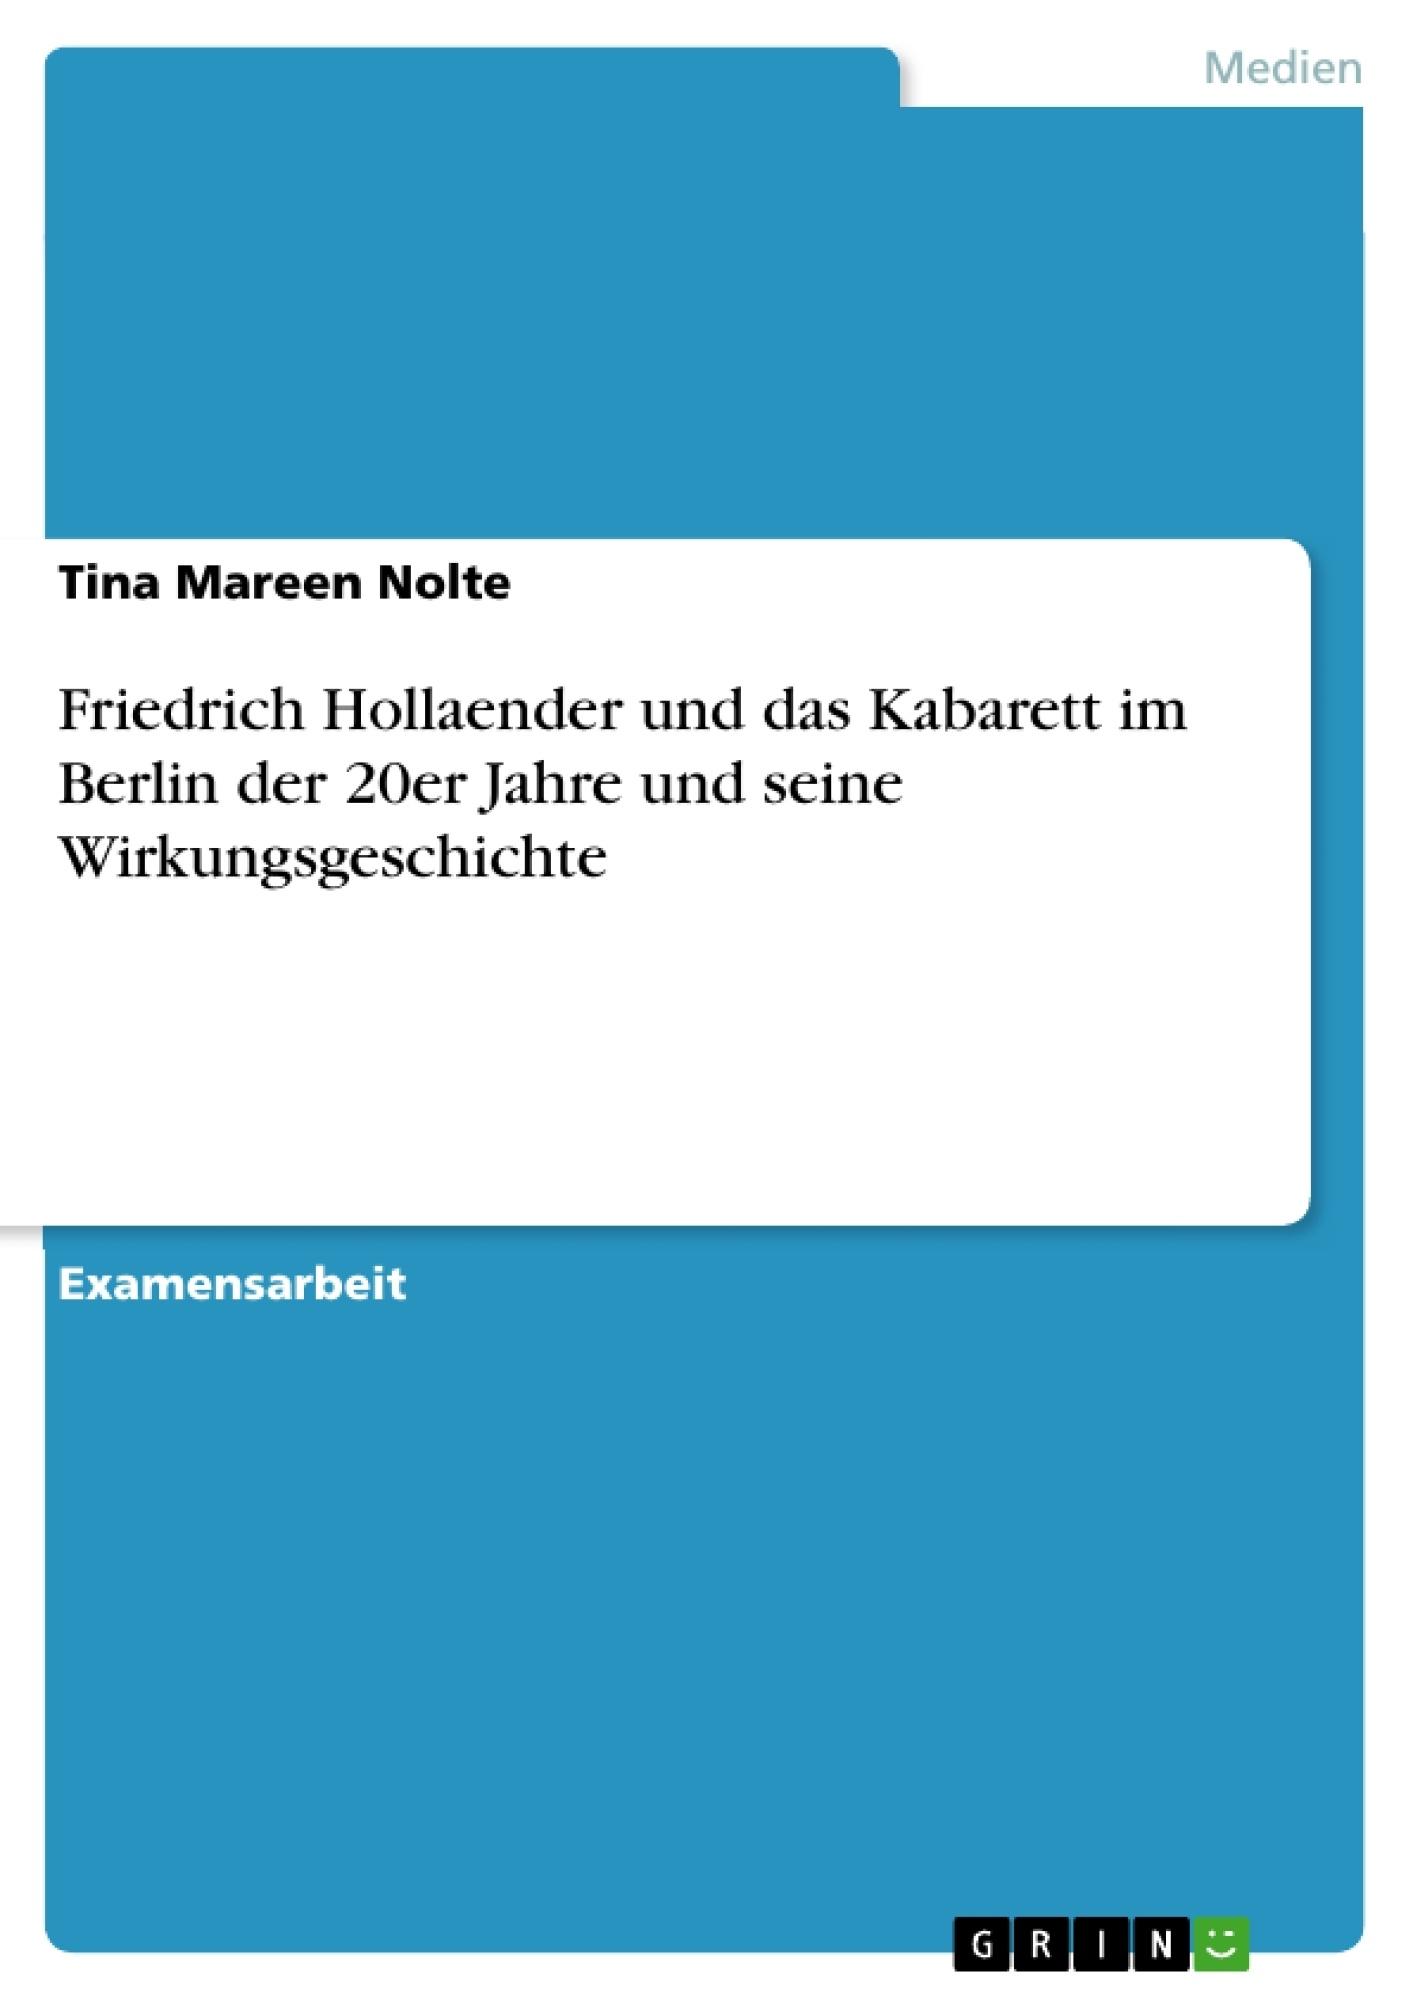 Titel: Friedrich Hollaender und das Kabarett im Berlin der 20er Jahre und seine Wirkungsgeschichte